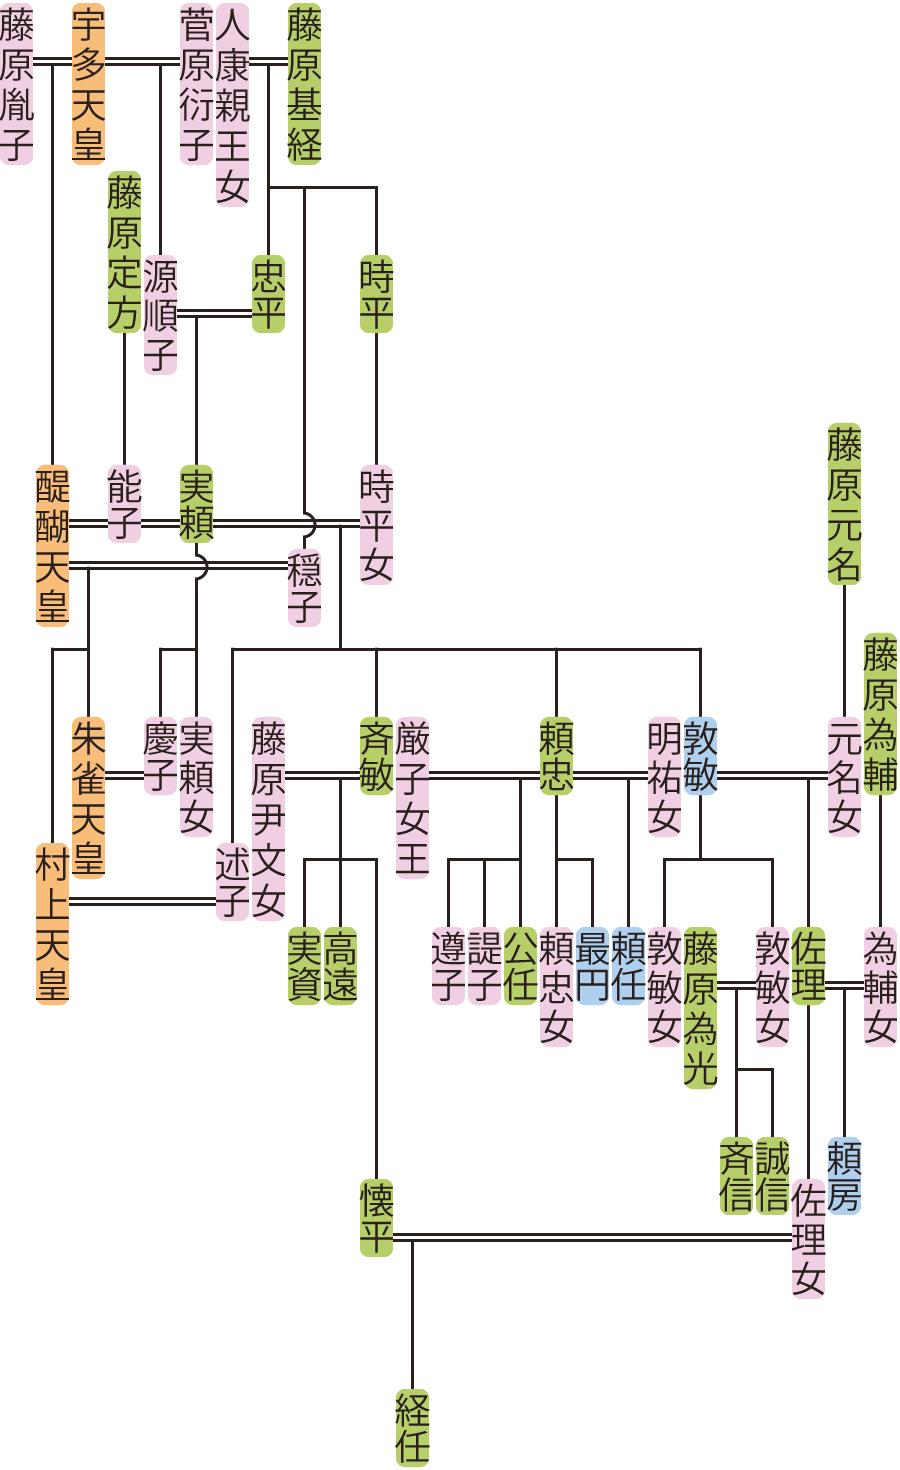 藤原実頼の系図